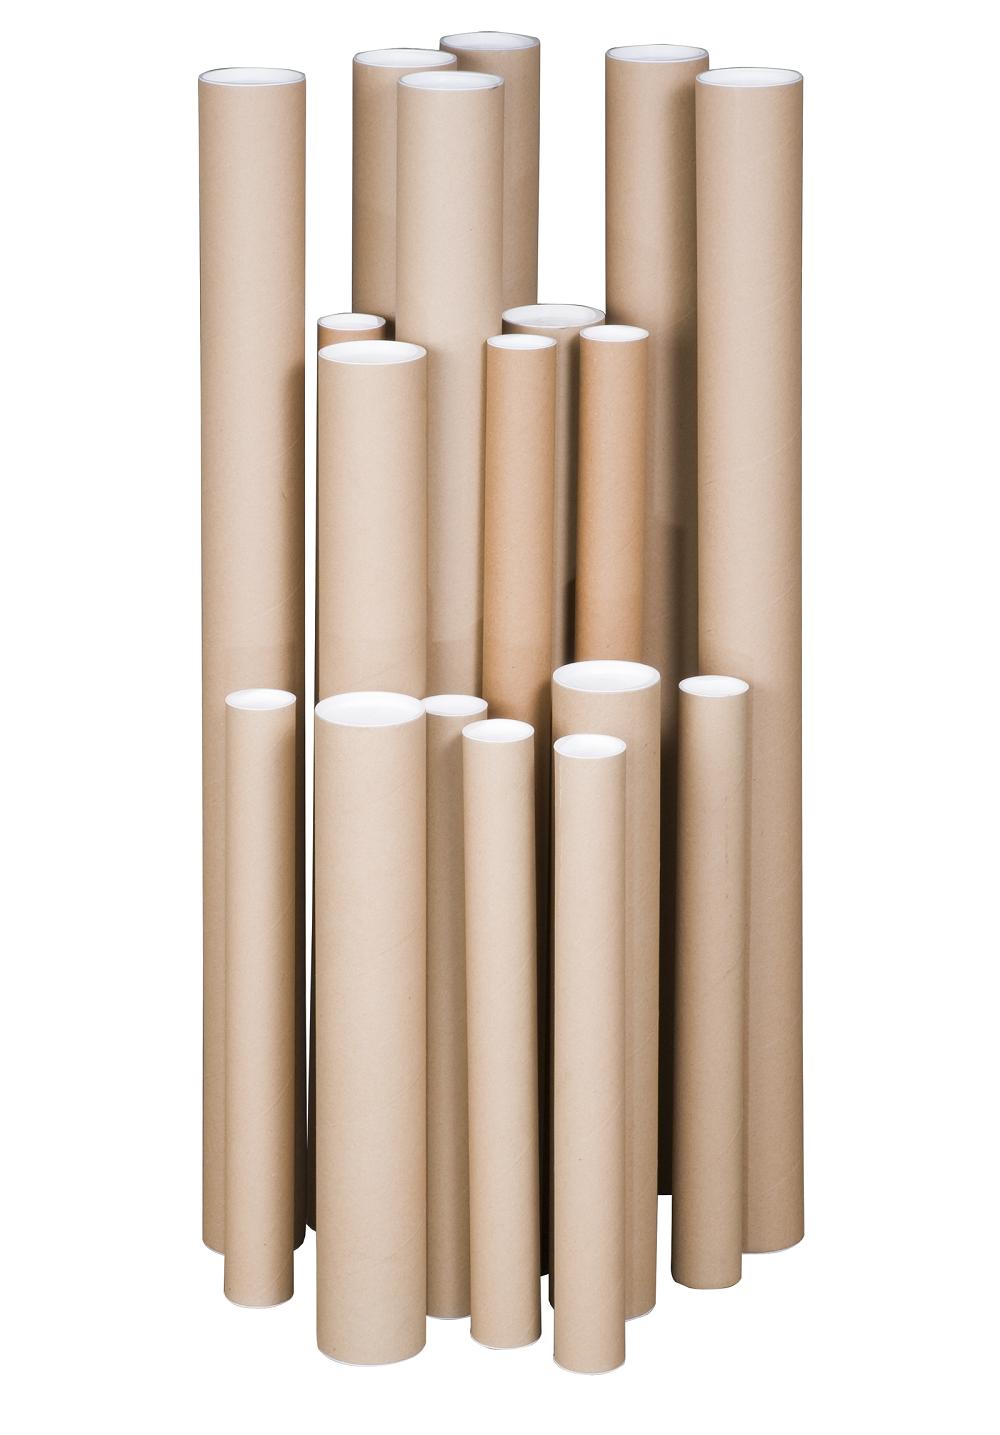 450 x 75 mm versandh lse din a2 rund mit deckel rollenform versandh lsen kartonagen. Black Bedroom Furniture Sets. Home Design Ideas